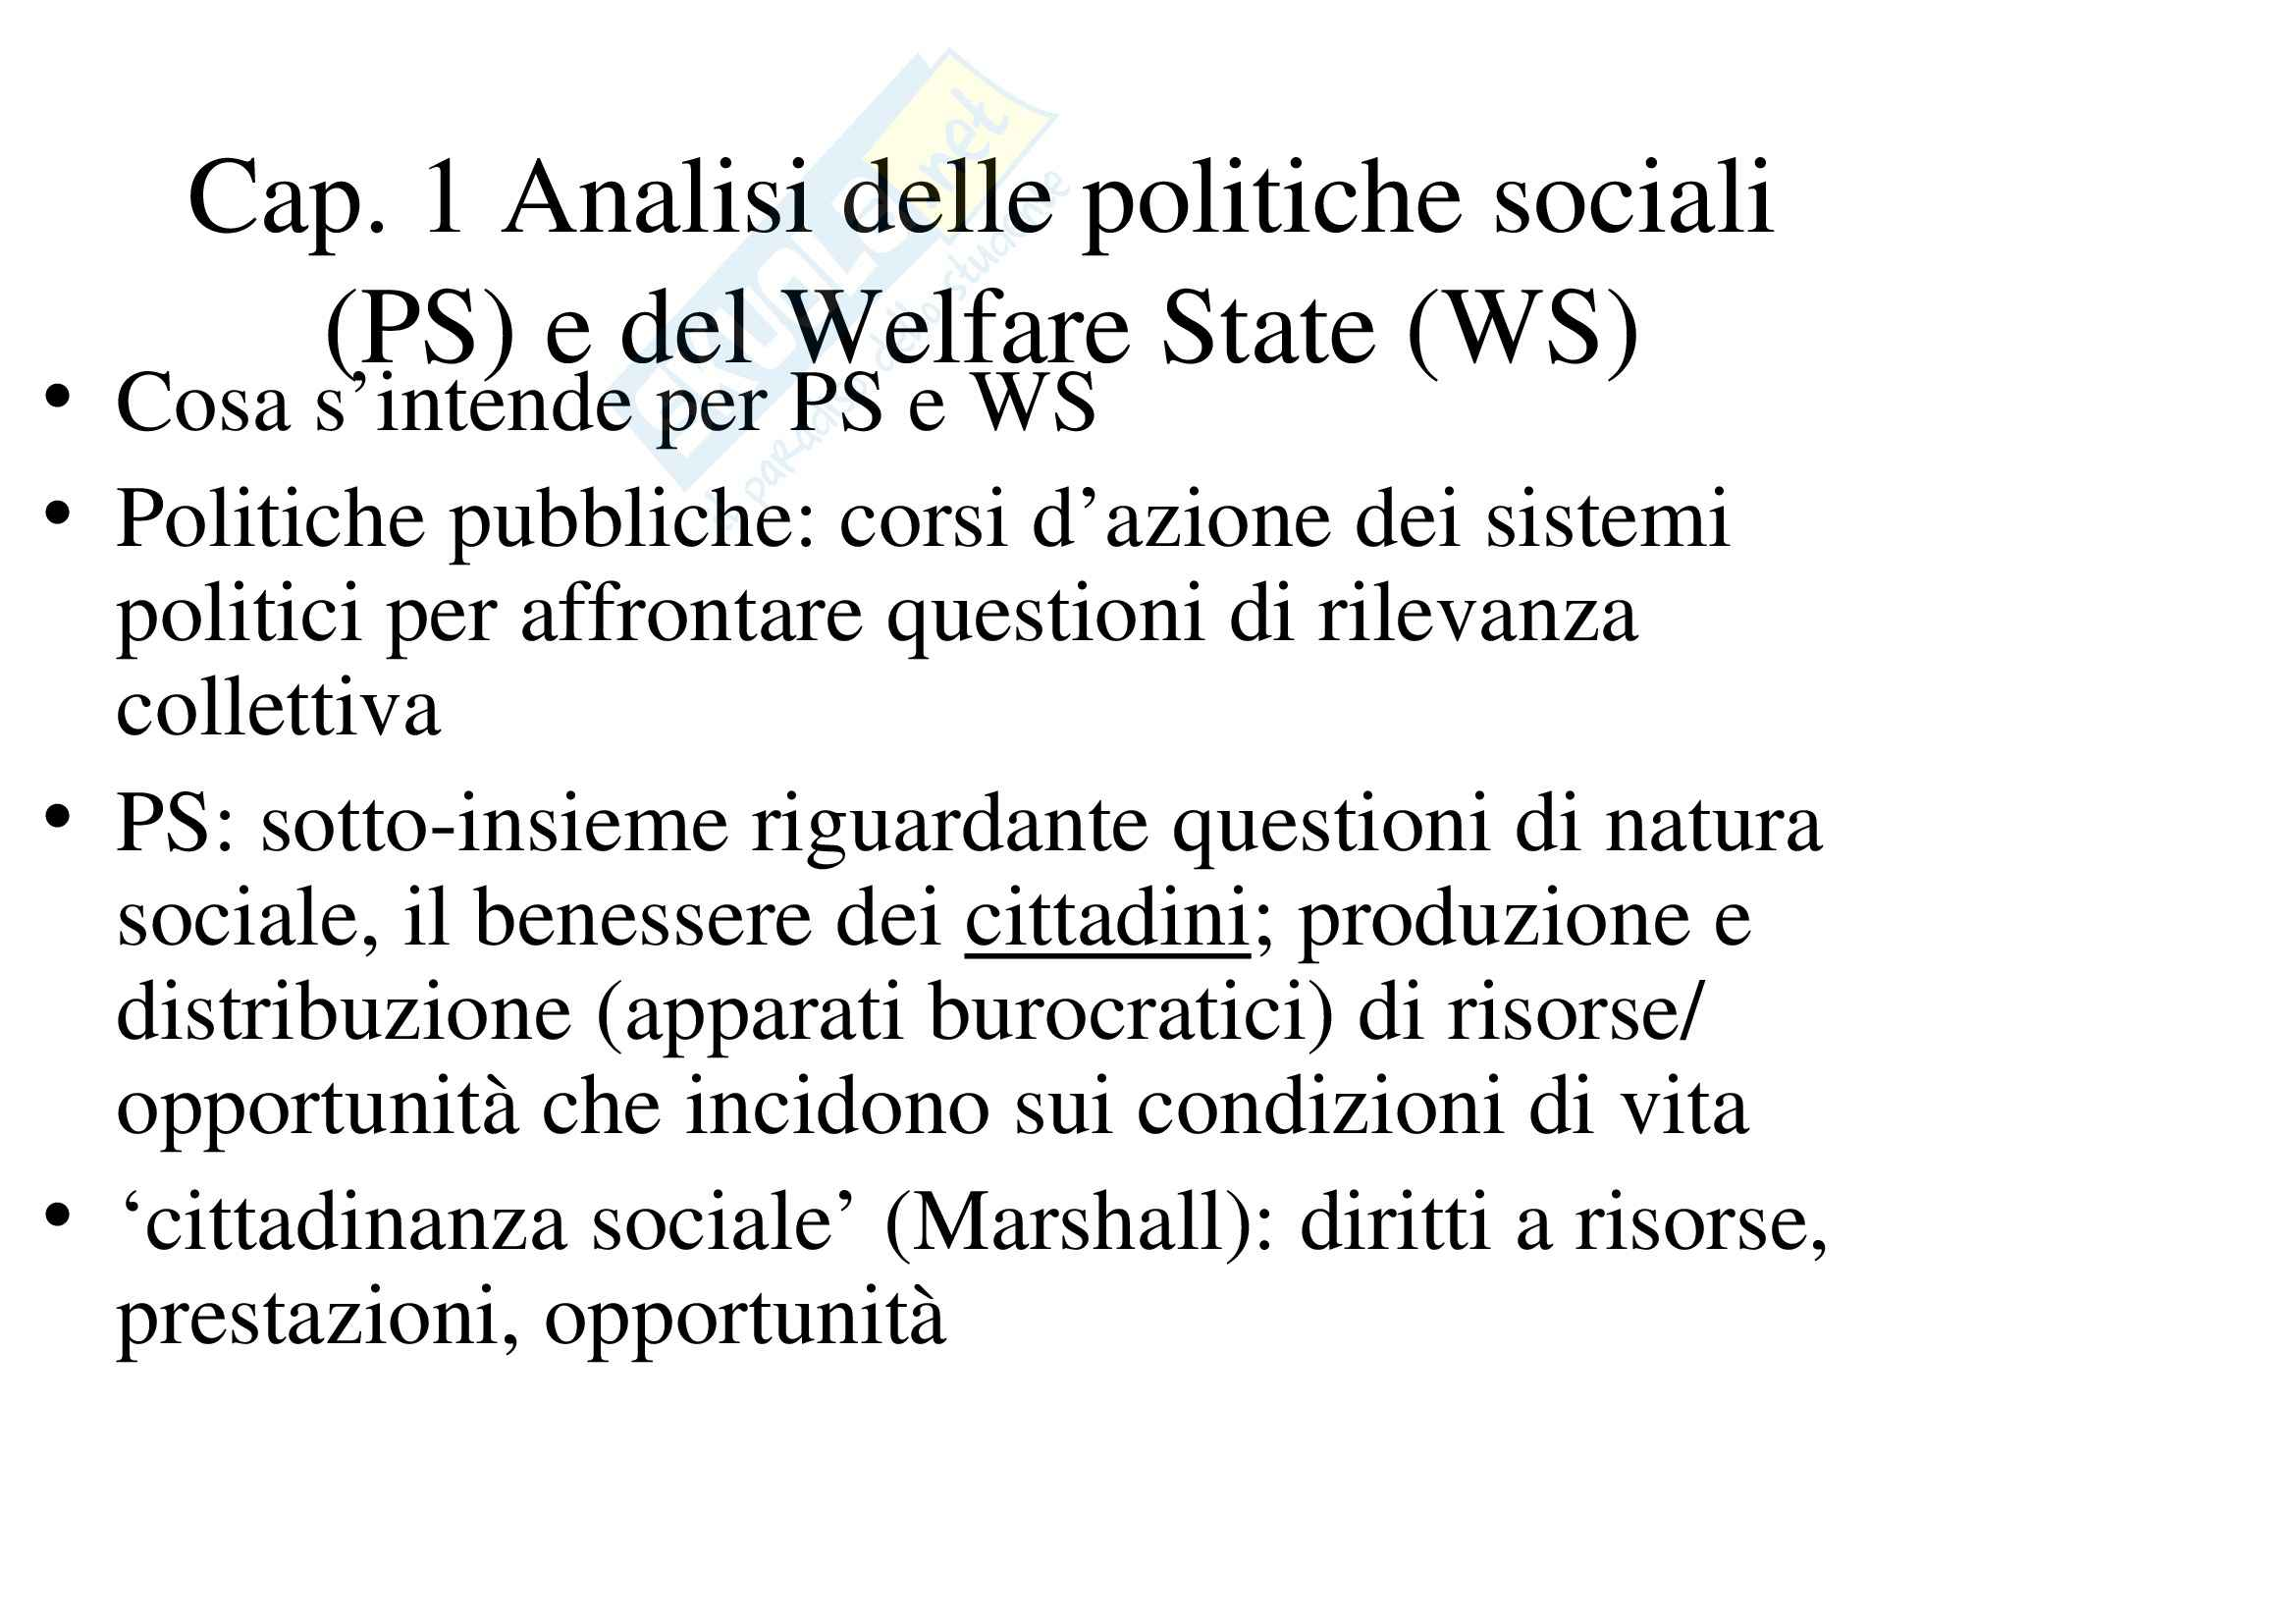 Riassunto esame Analisi delle Politiche Pubbliche, prof. Lewanski, libro consigliato Politiche Sociali, Ferrera - cap. 1